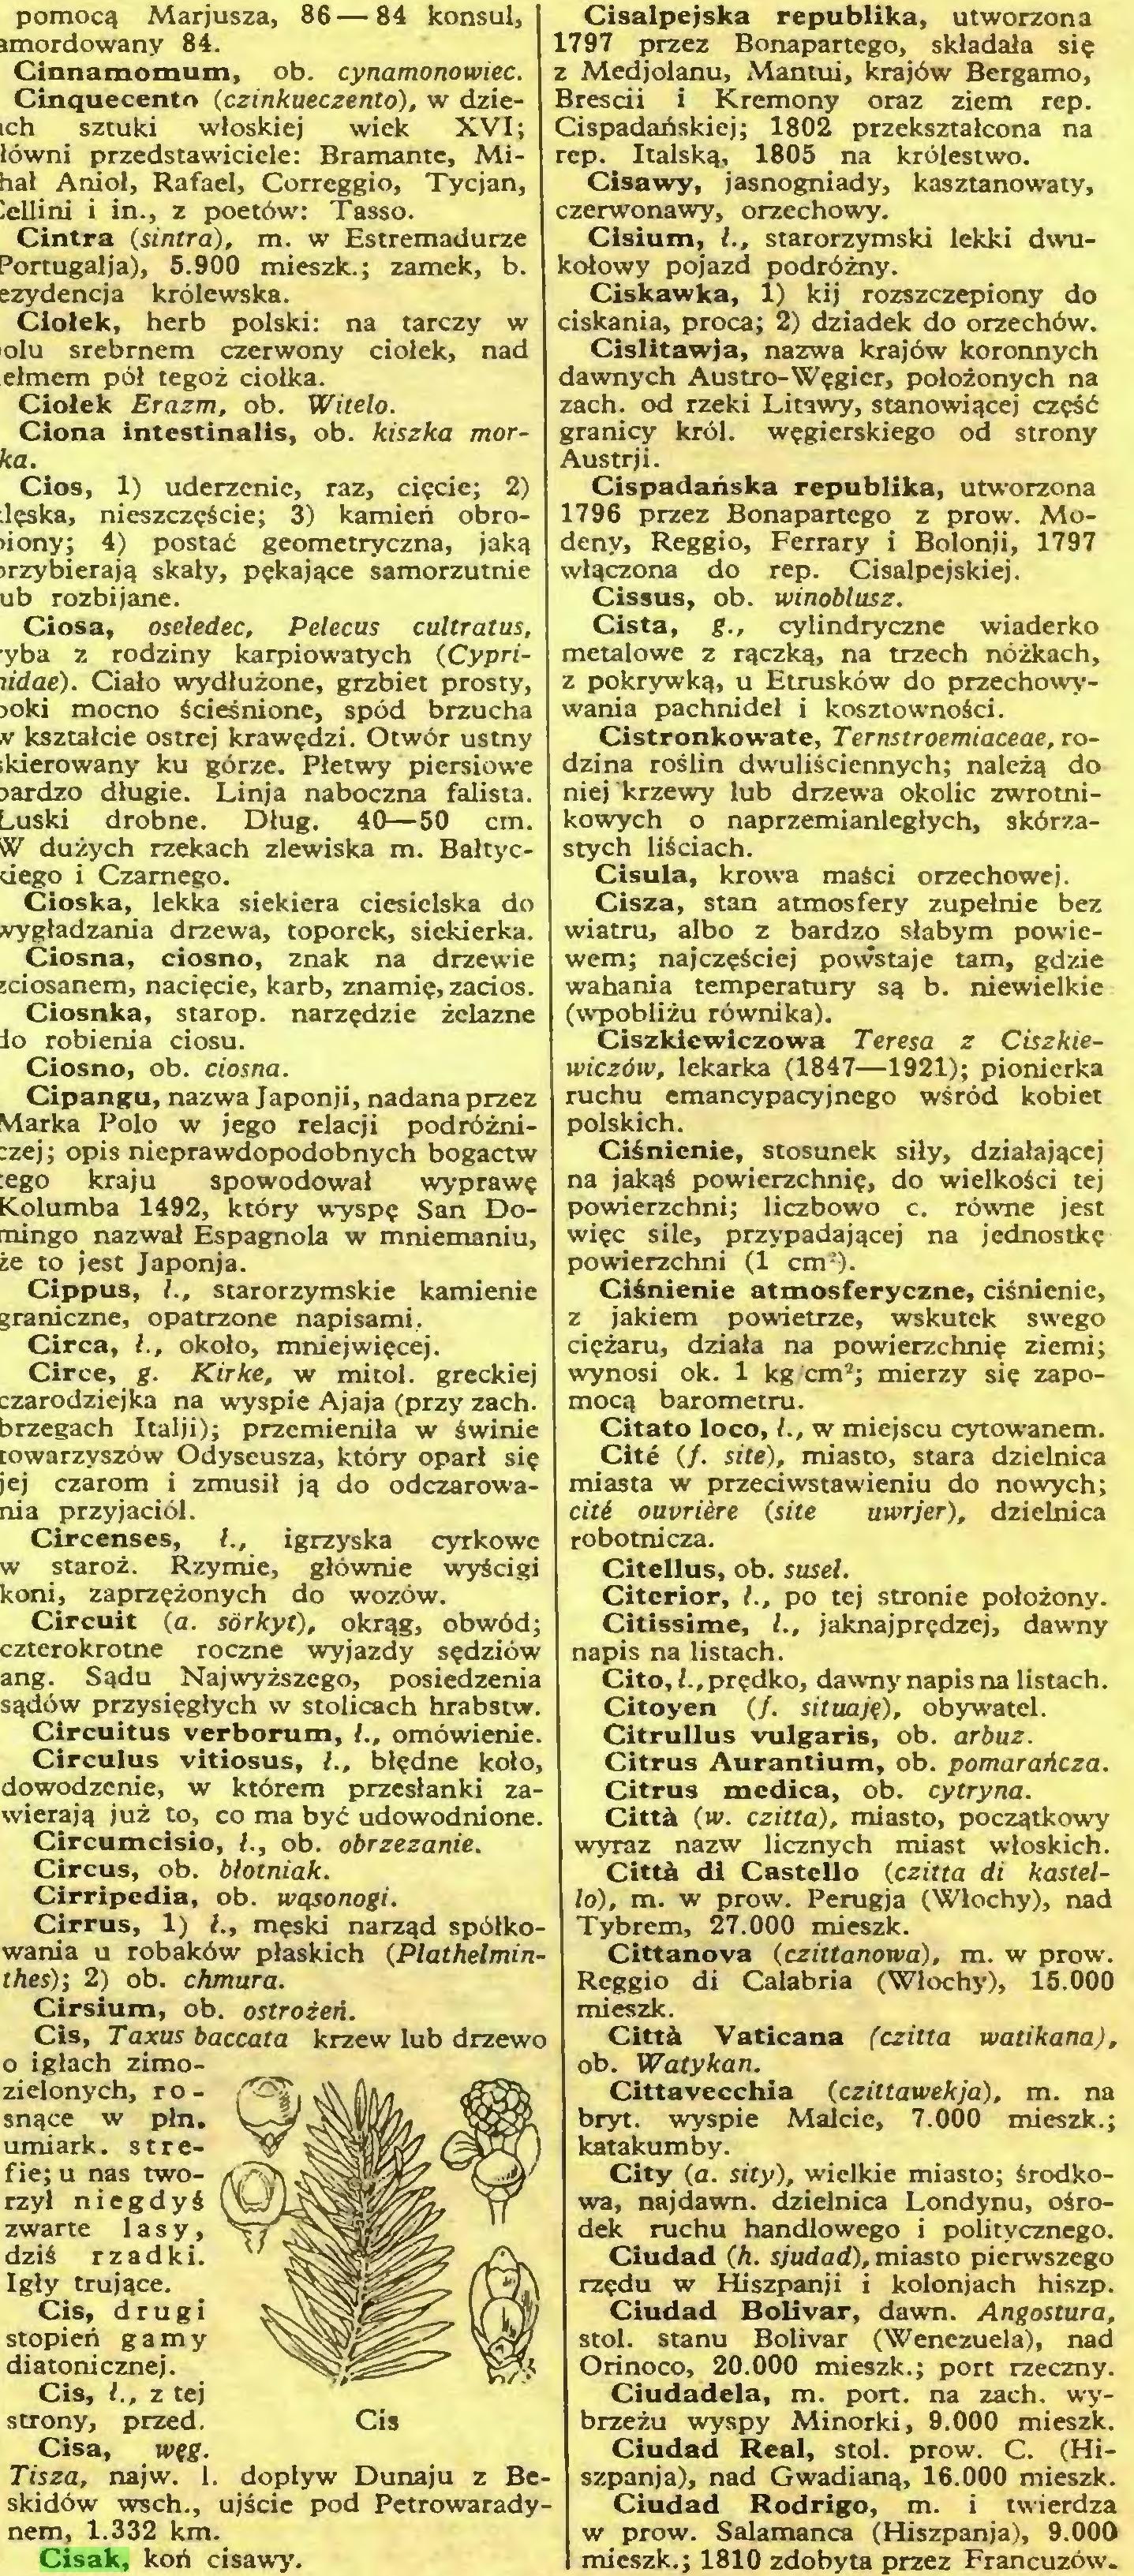 (...) Cisak, koń cisawy. Cisalpejska republika, utworzona 1797 przez Bonapartego, składała się z Medjolanu, Man tui, krajów Bergamo, Bresdi i Krcmony oraz ziem rep...